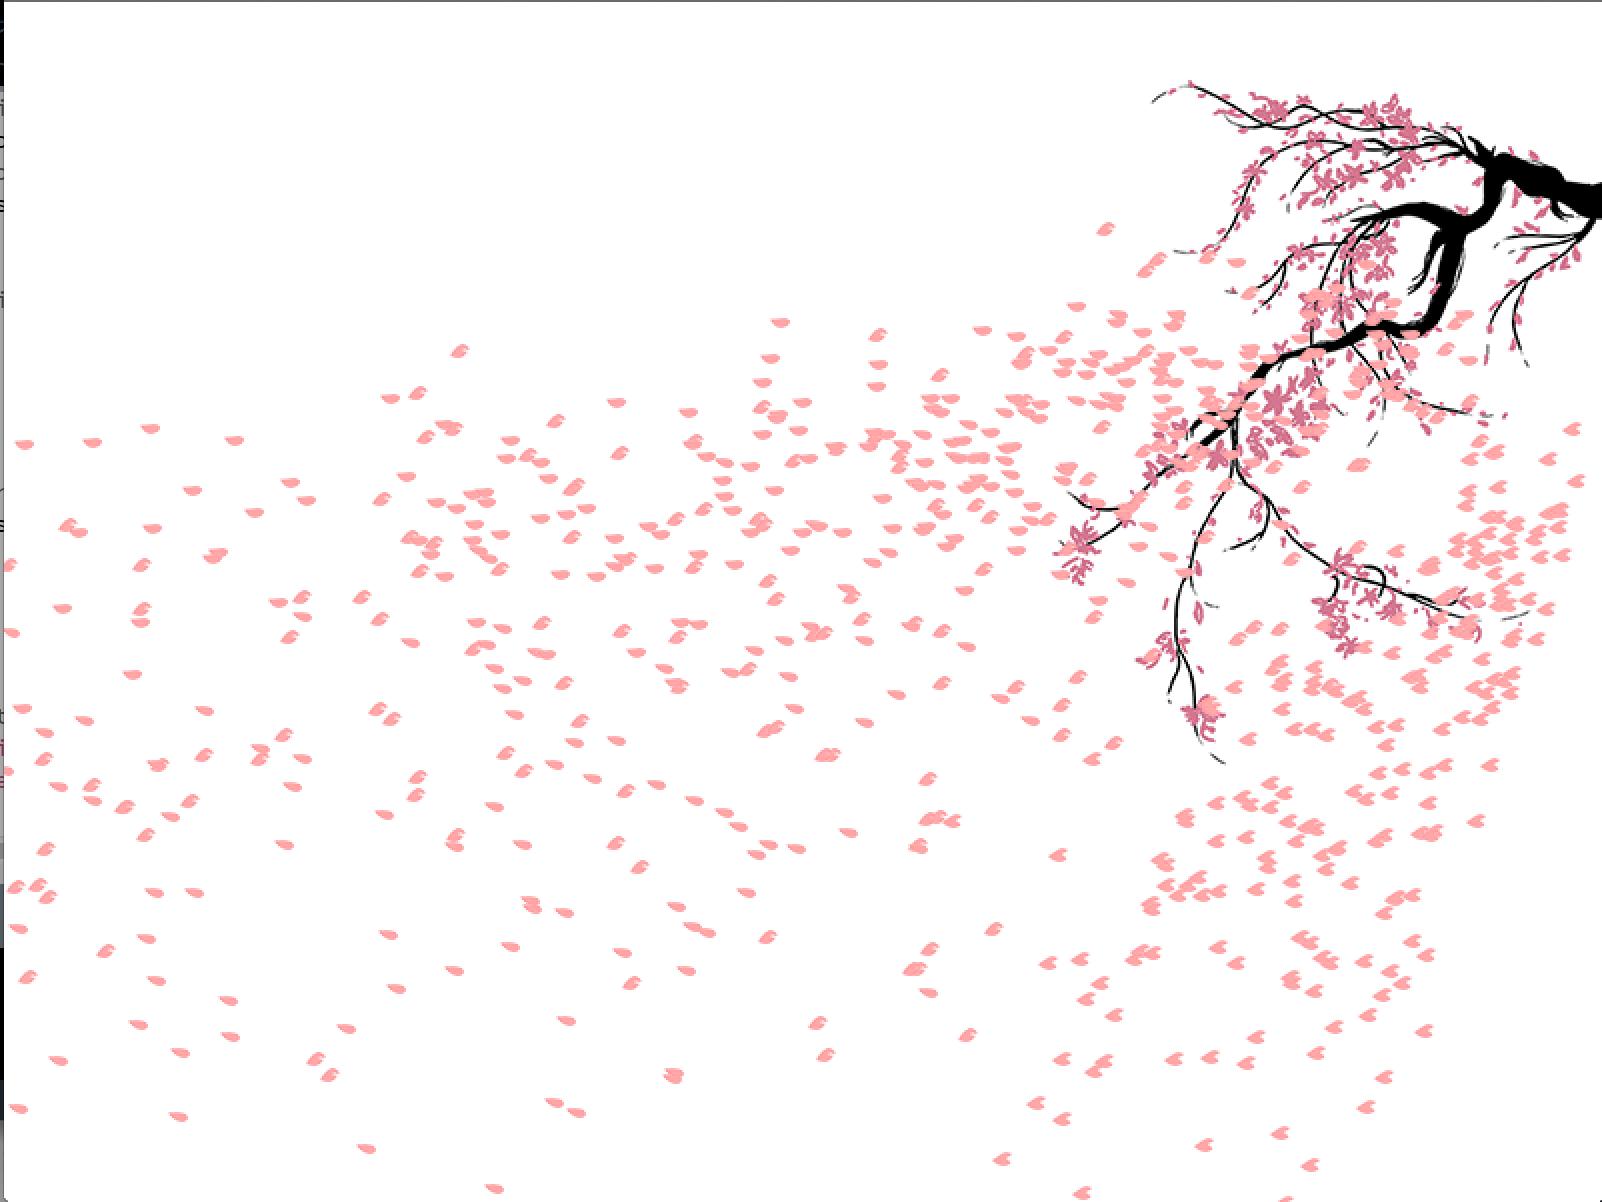 Blossom Petals Png Sakura 34546 Free Icons And Png